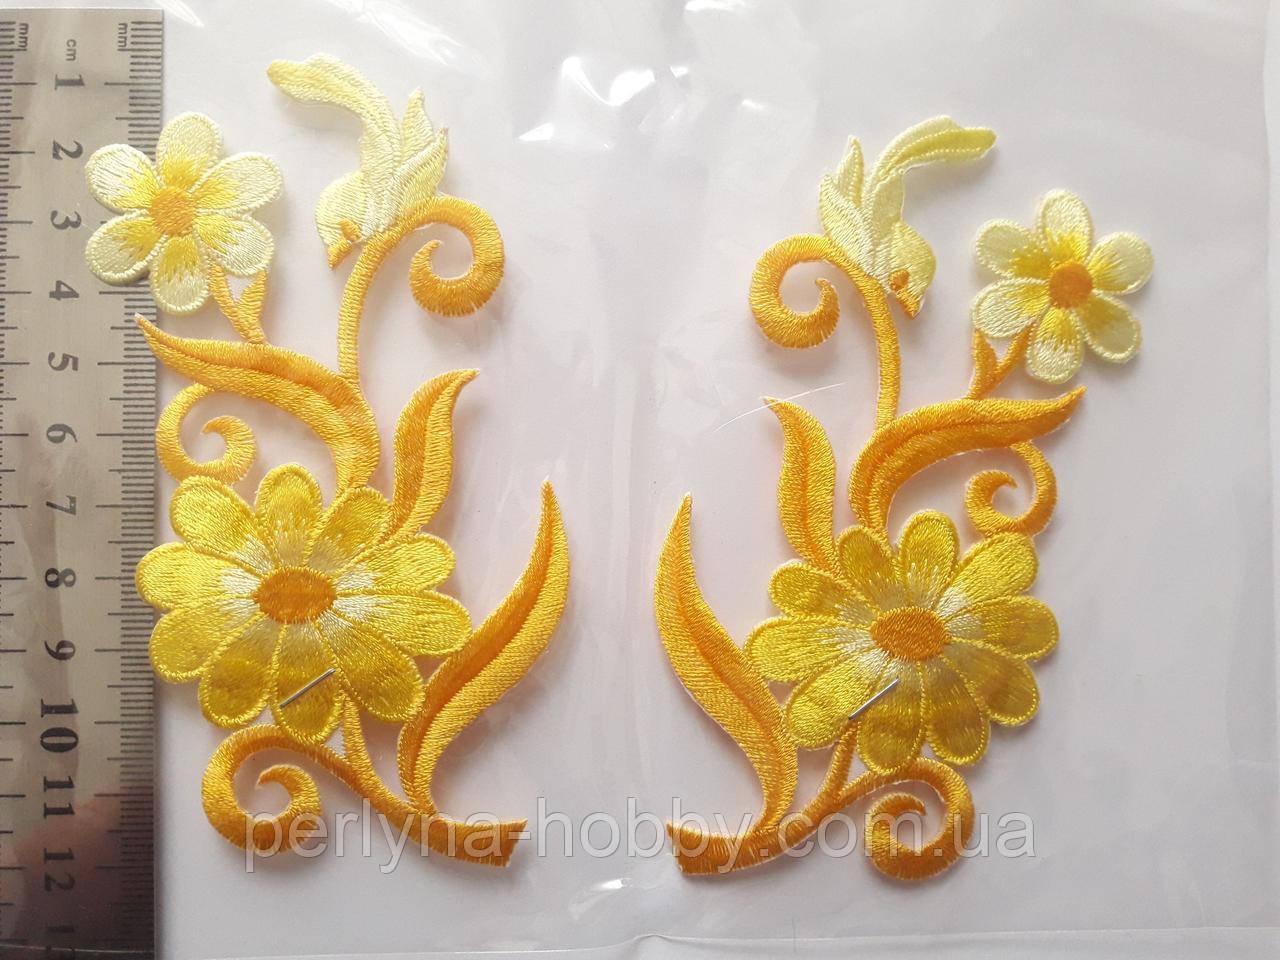 """Аплікація вишивка клейові парні """"Квіти"""", 12 см, жовті, 1 пара"""